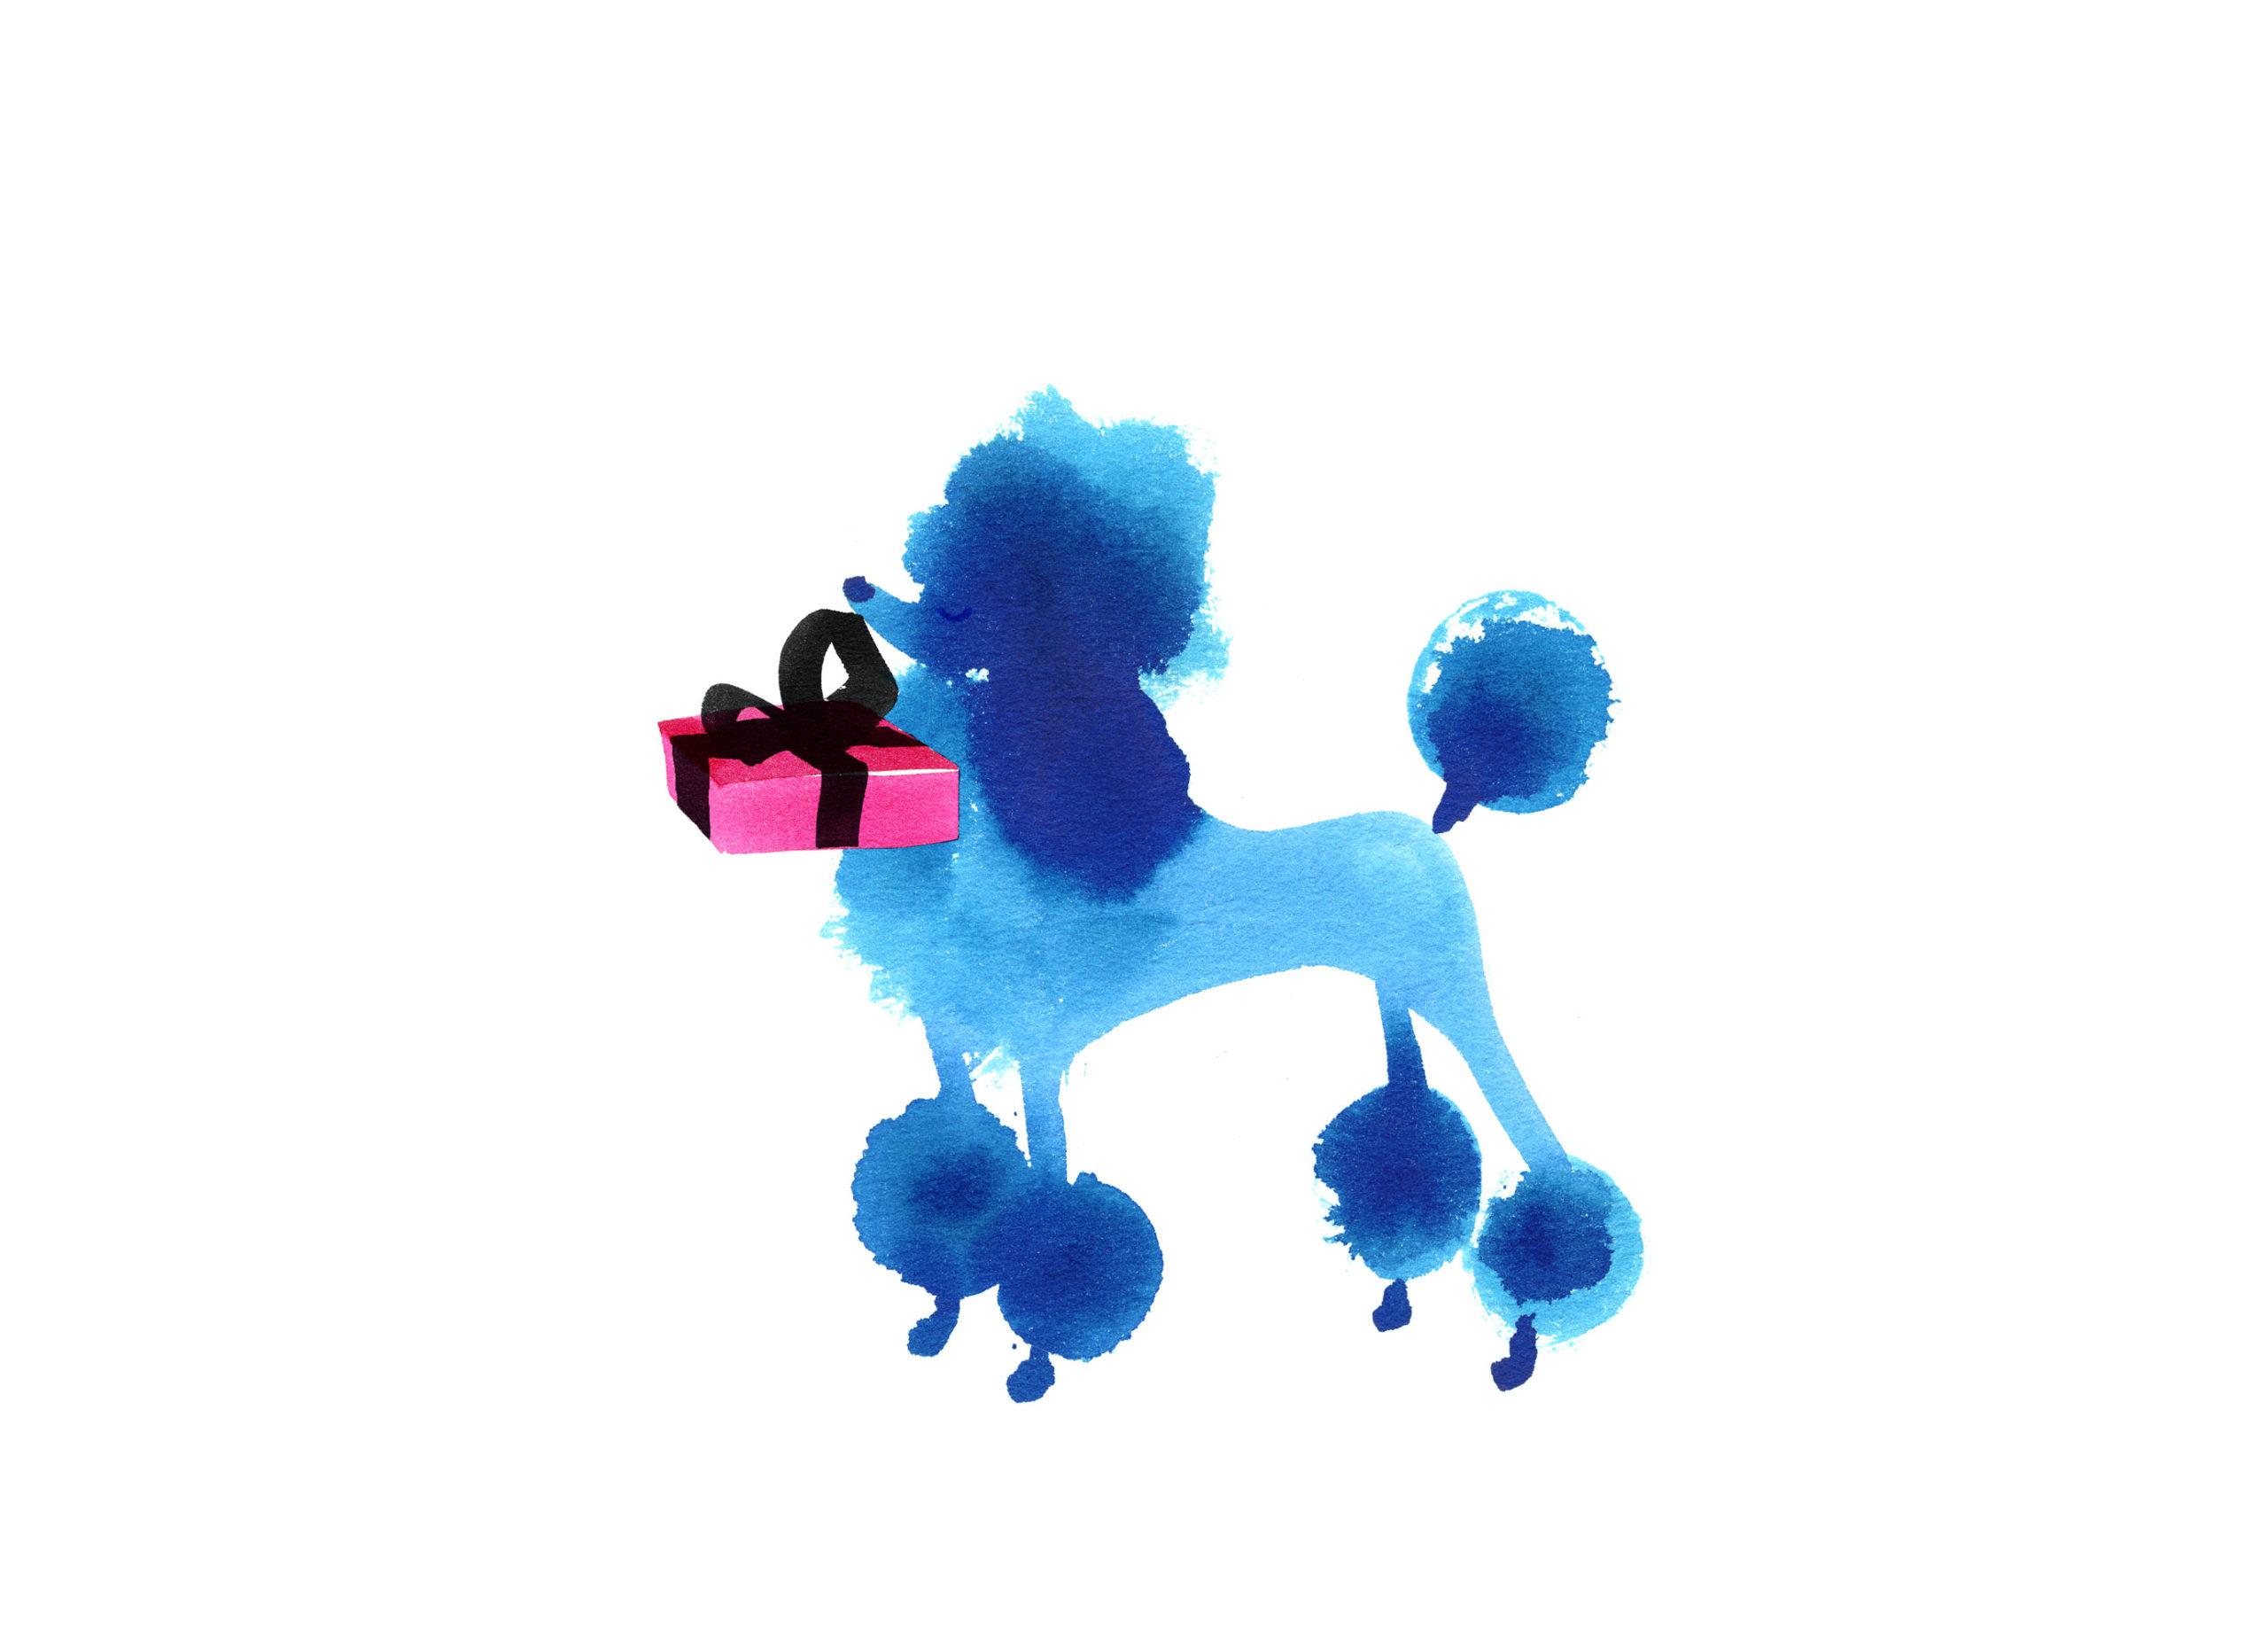 Lovisa-Burfitt-illustration-Poodle-azul